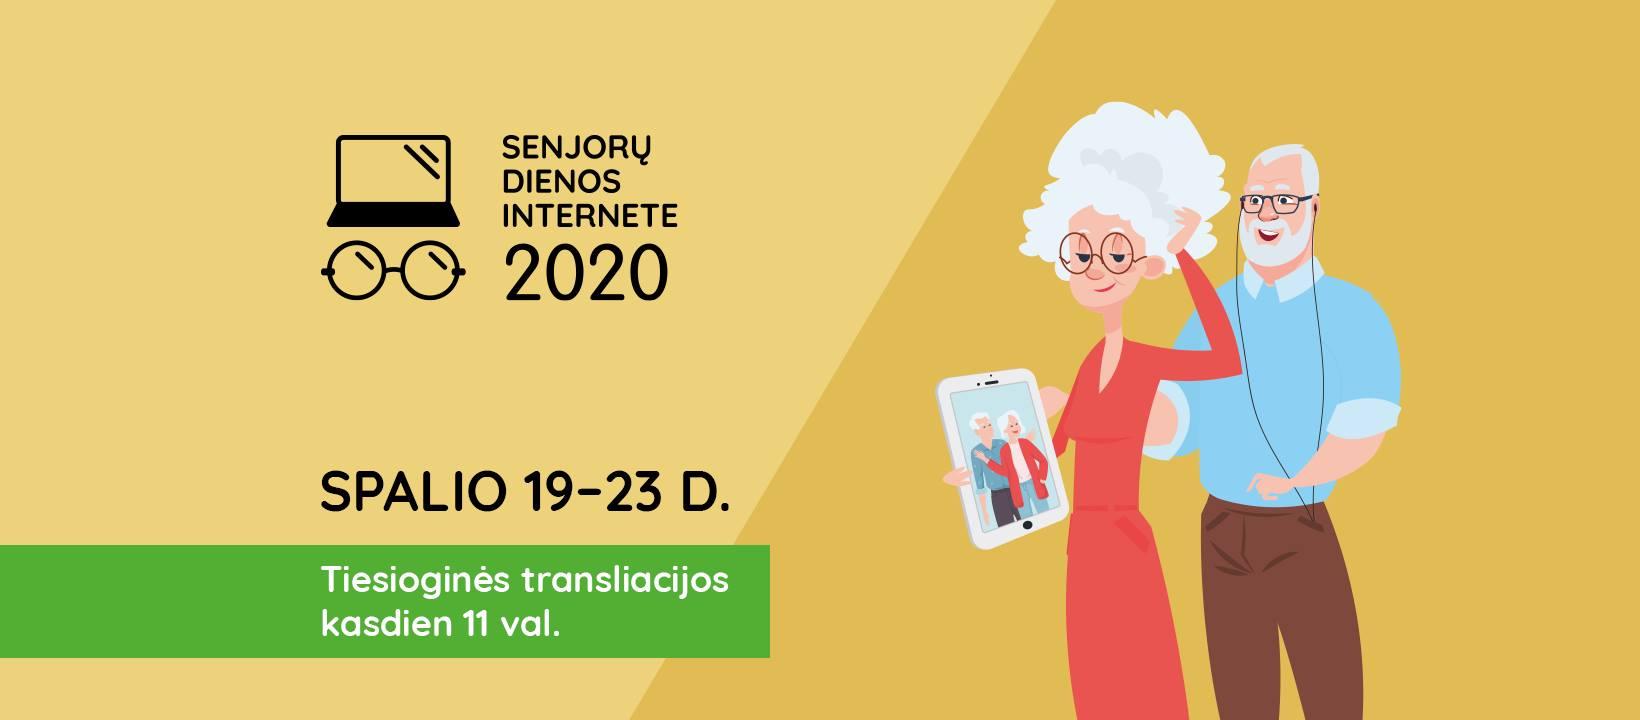 Senjorų dienos internete 2020